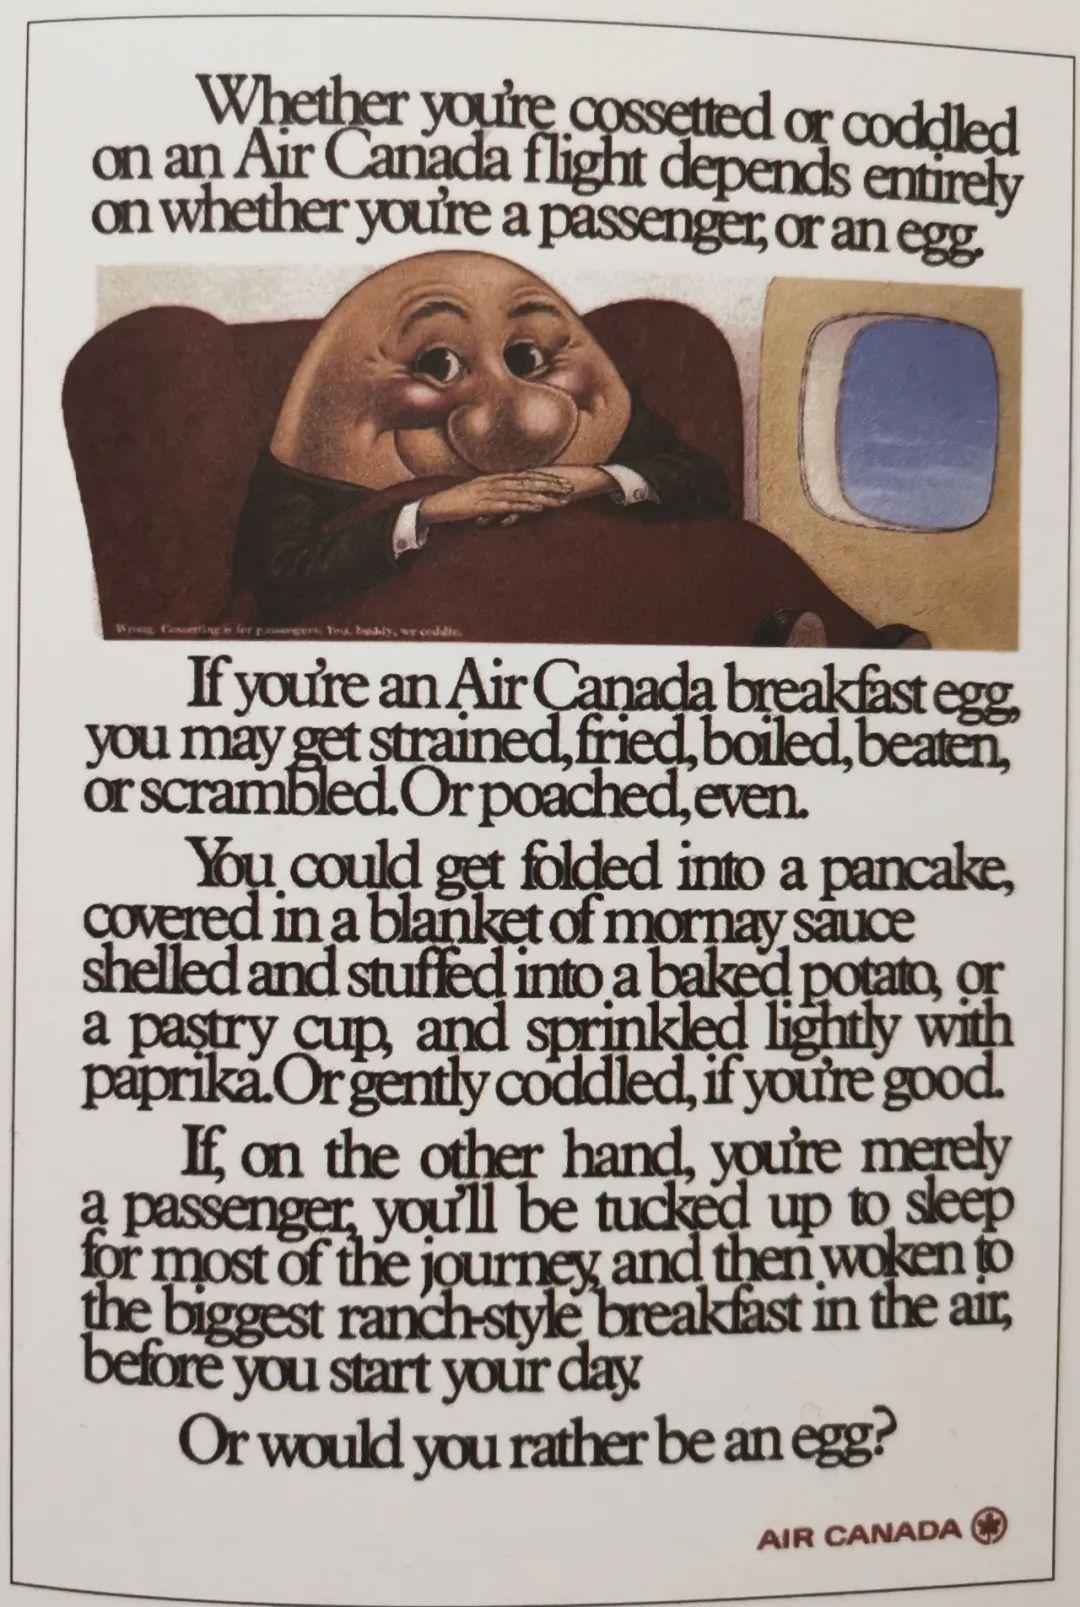 特殊时期航空公司业绩不好,该如何推广?